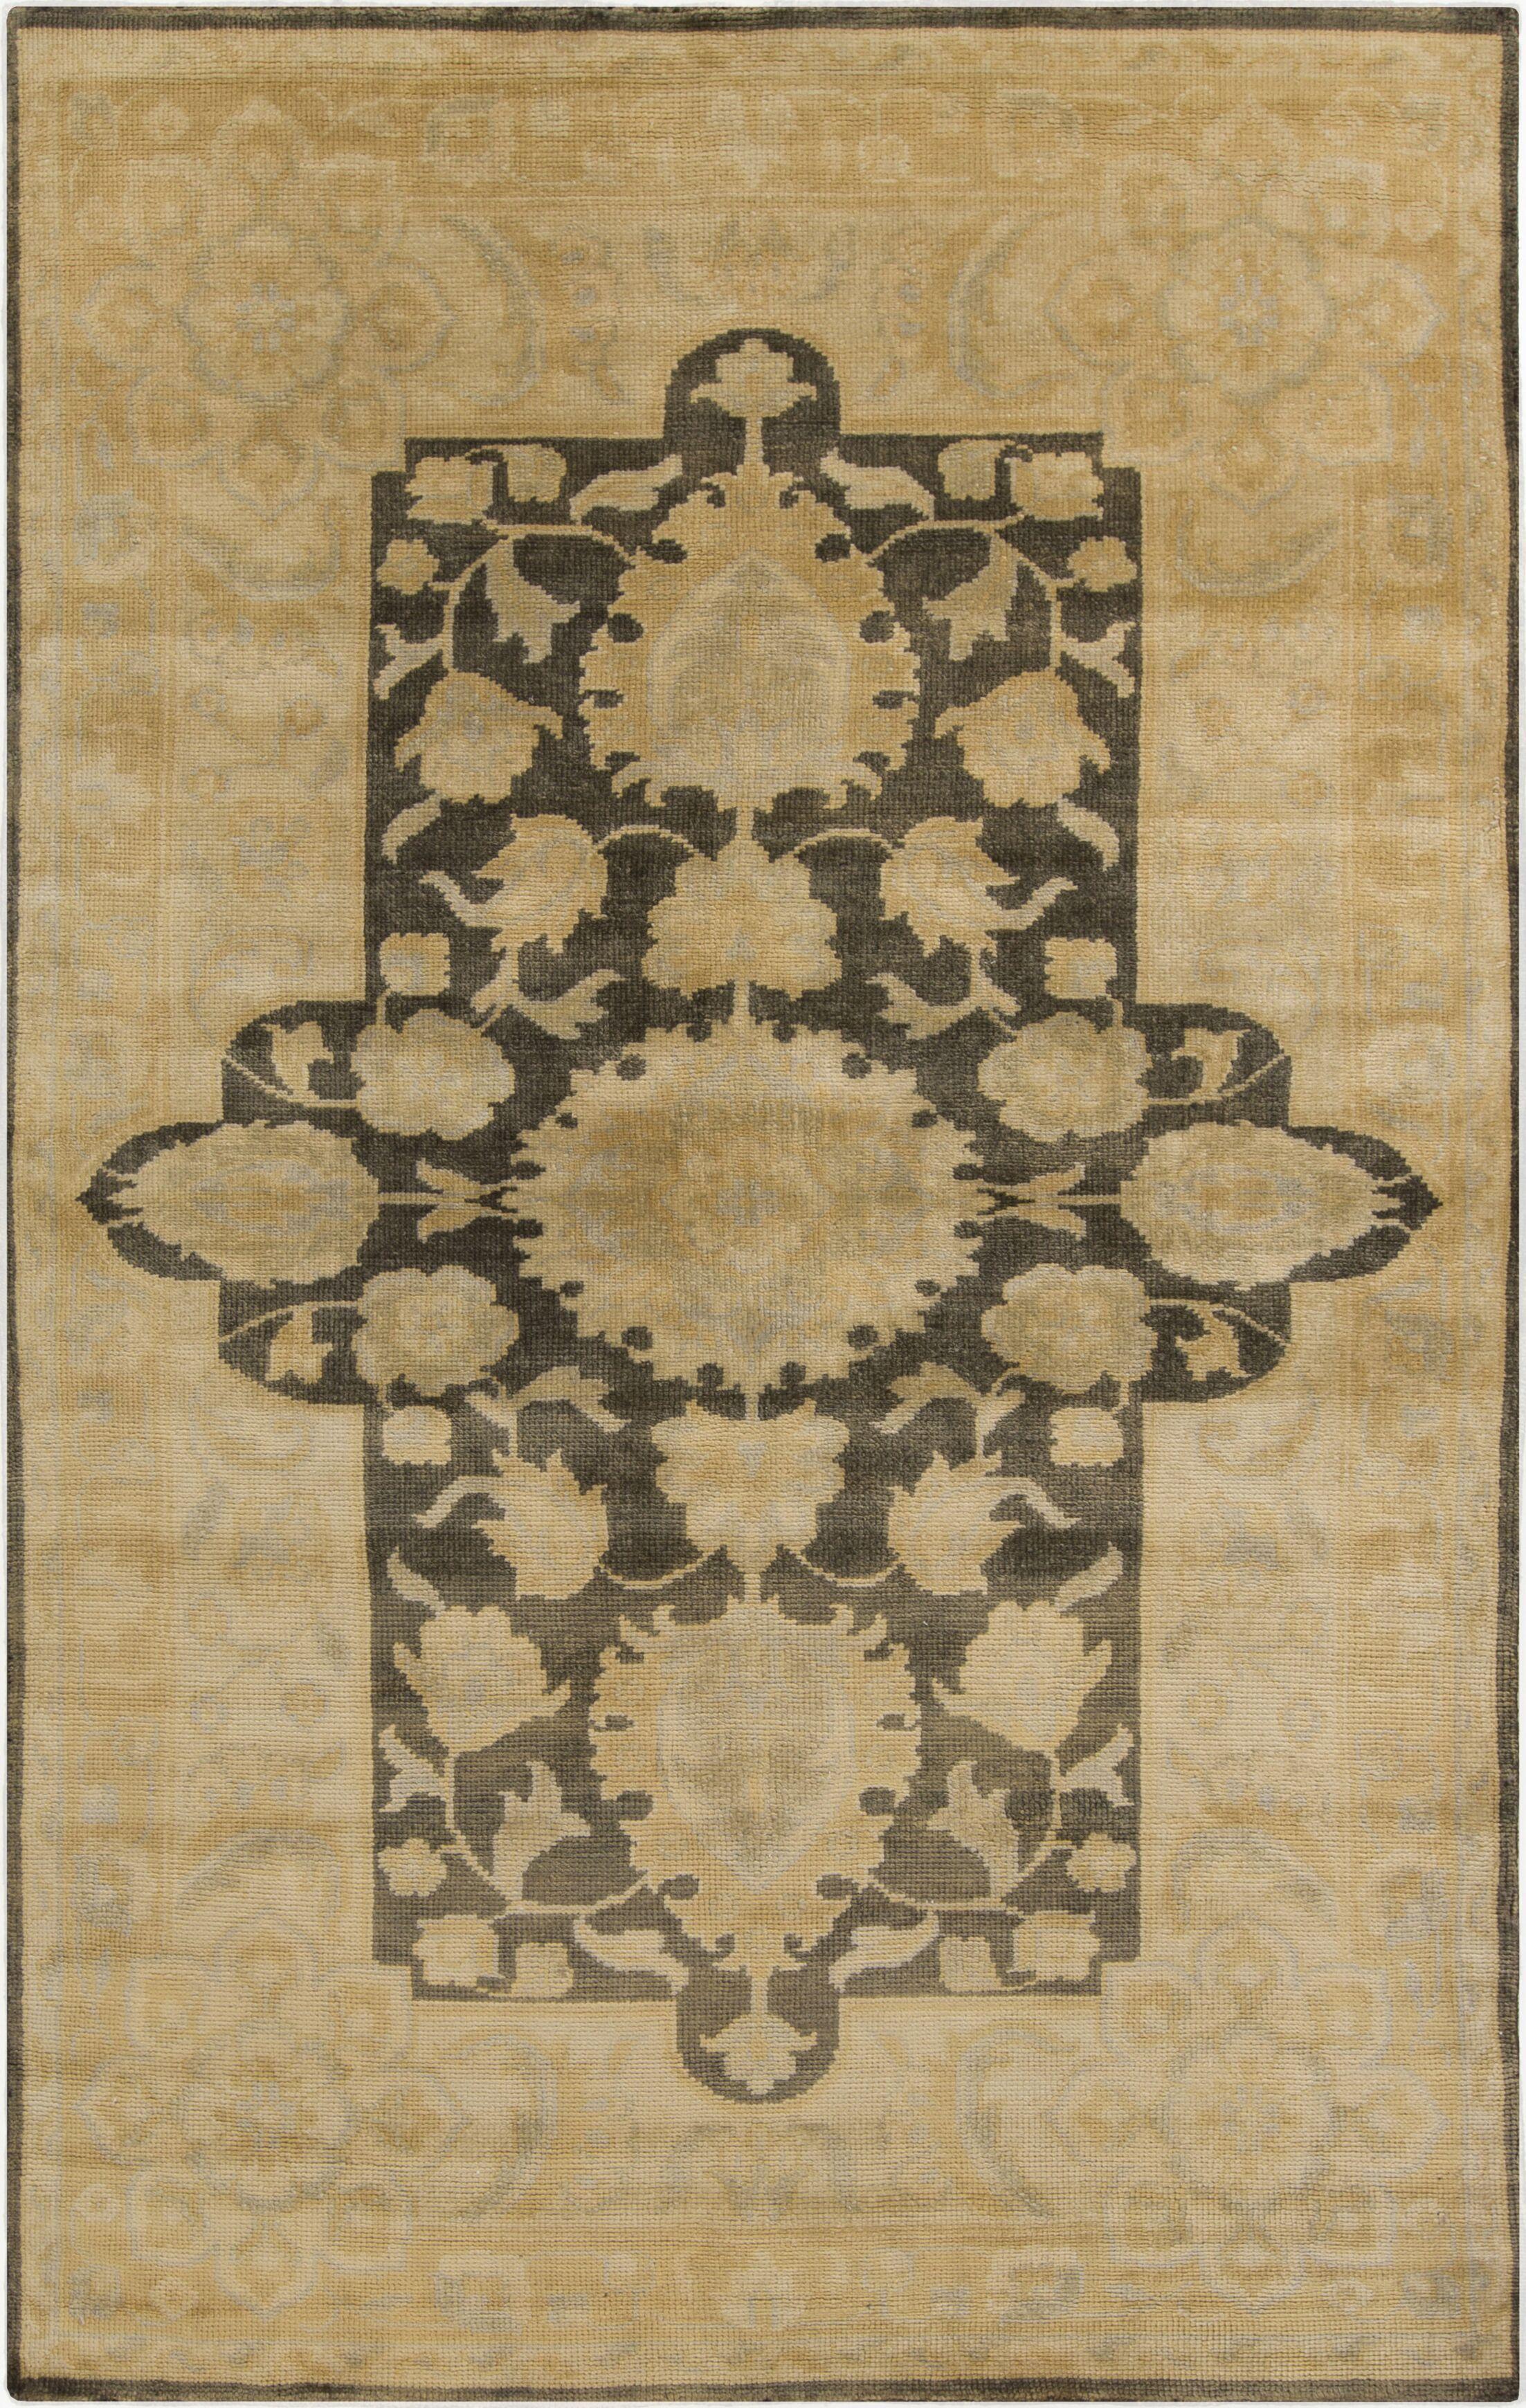 Fernald Beige Area Rug Rug Size: Rectangle 5'6